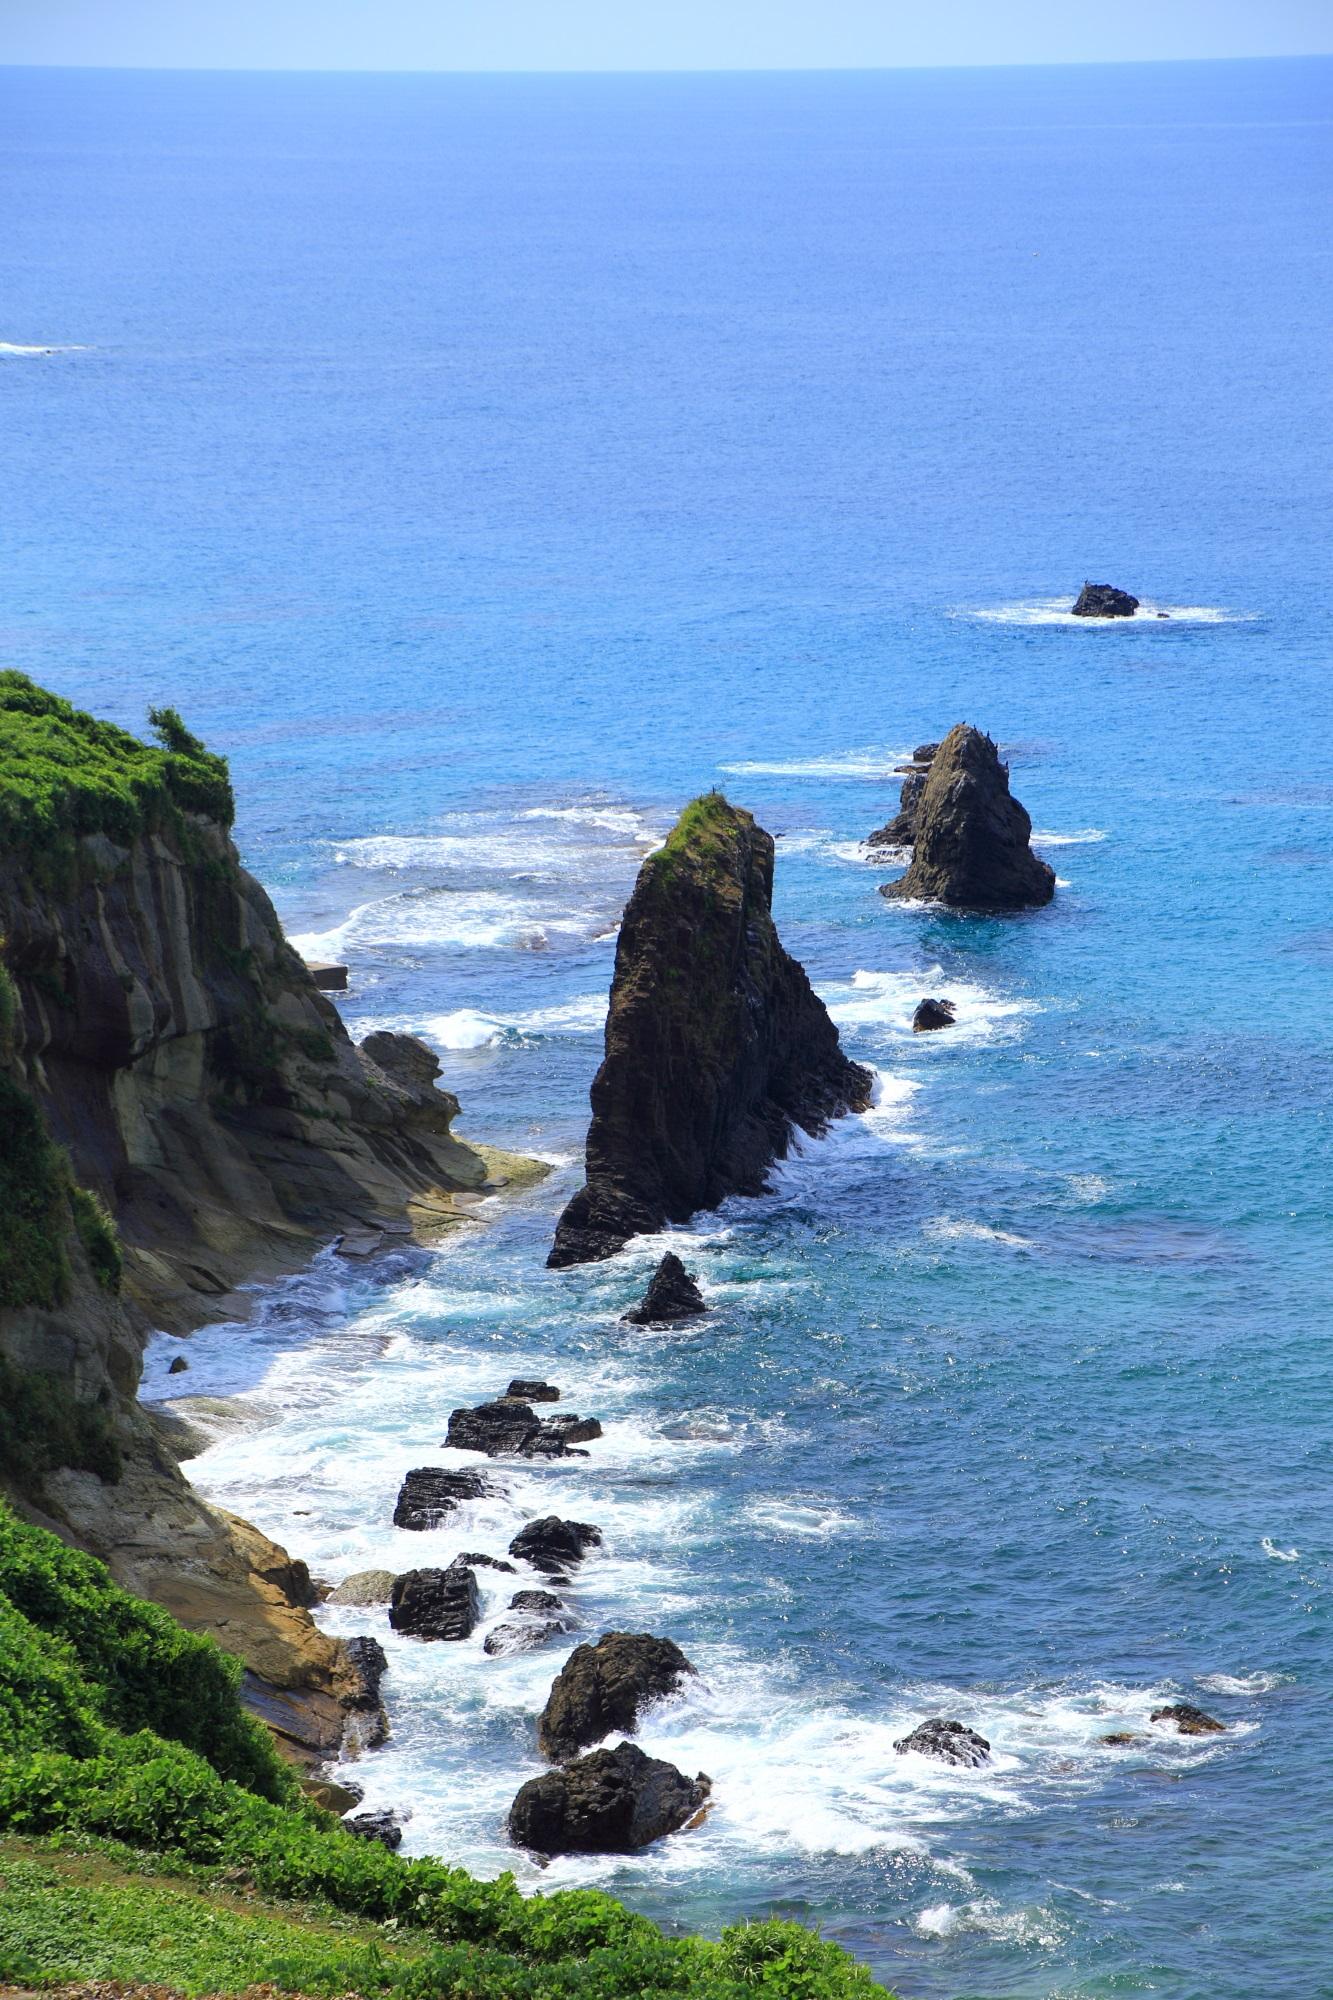 人間の及ばない自然や地球の力で出来た屏風岩